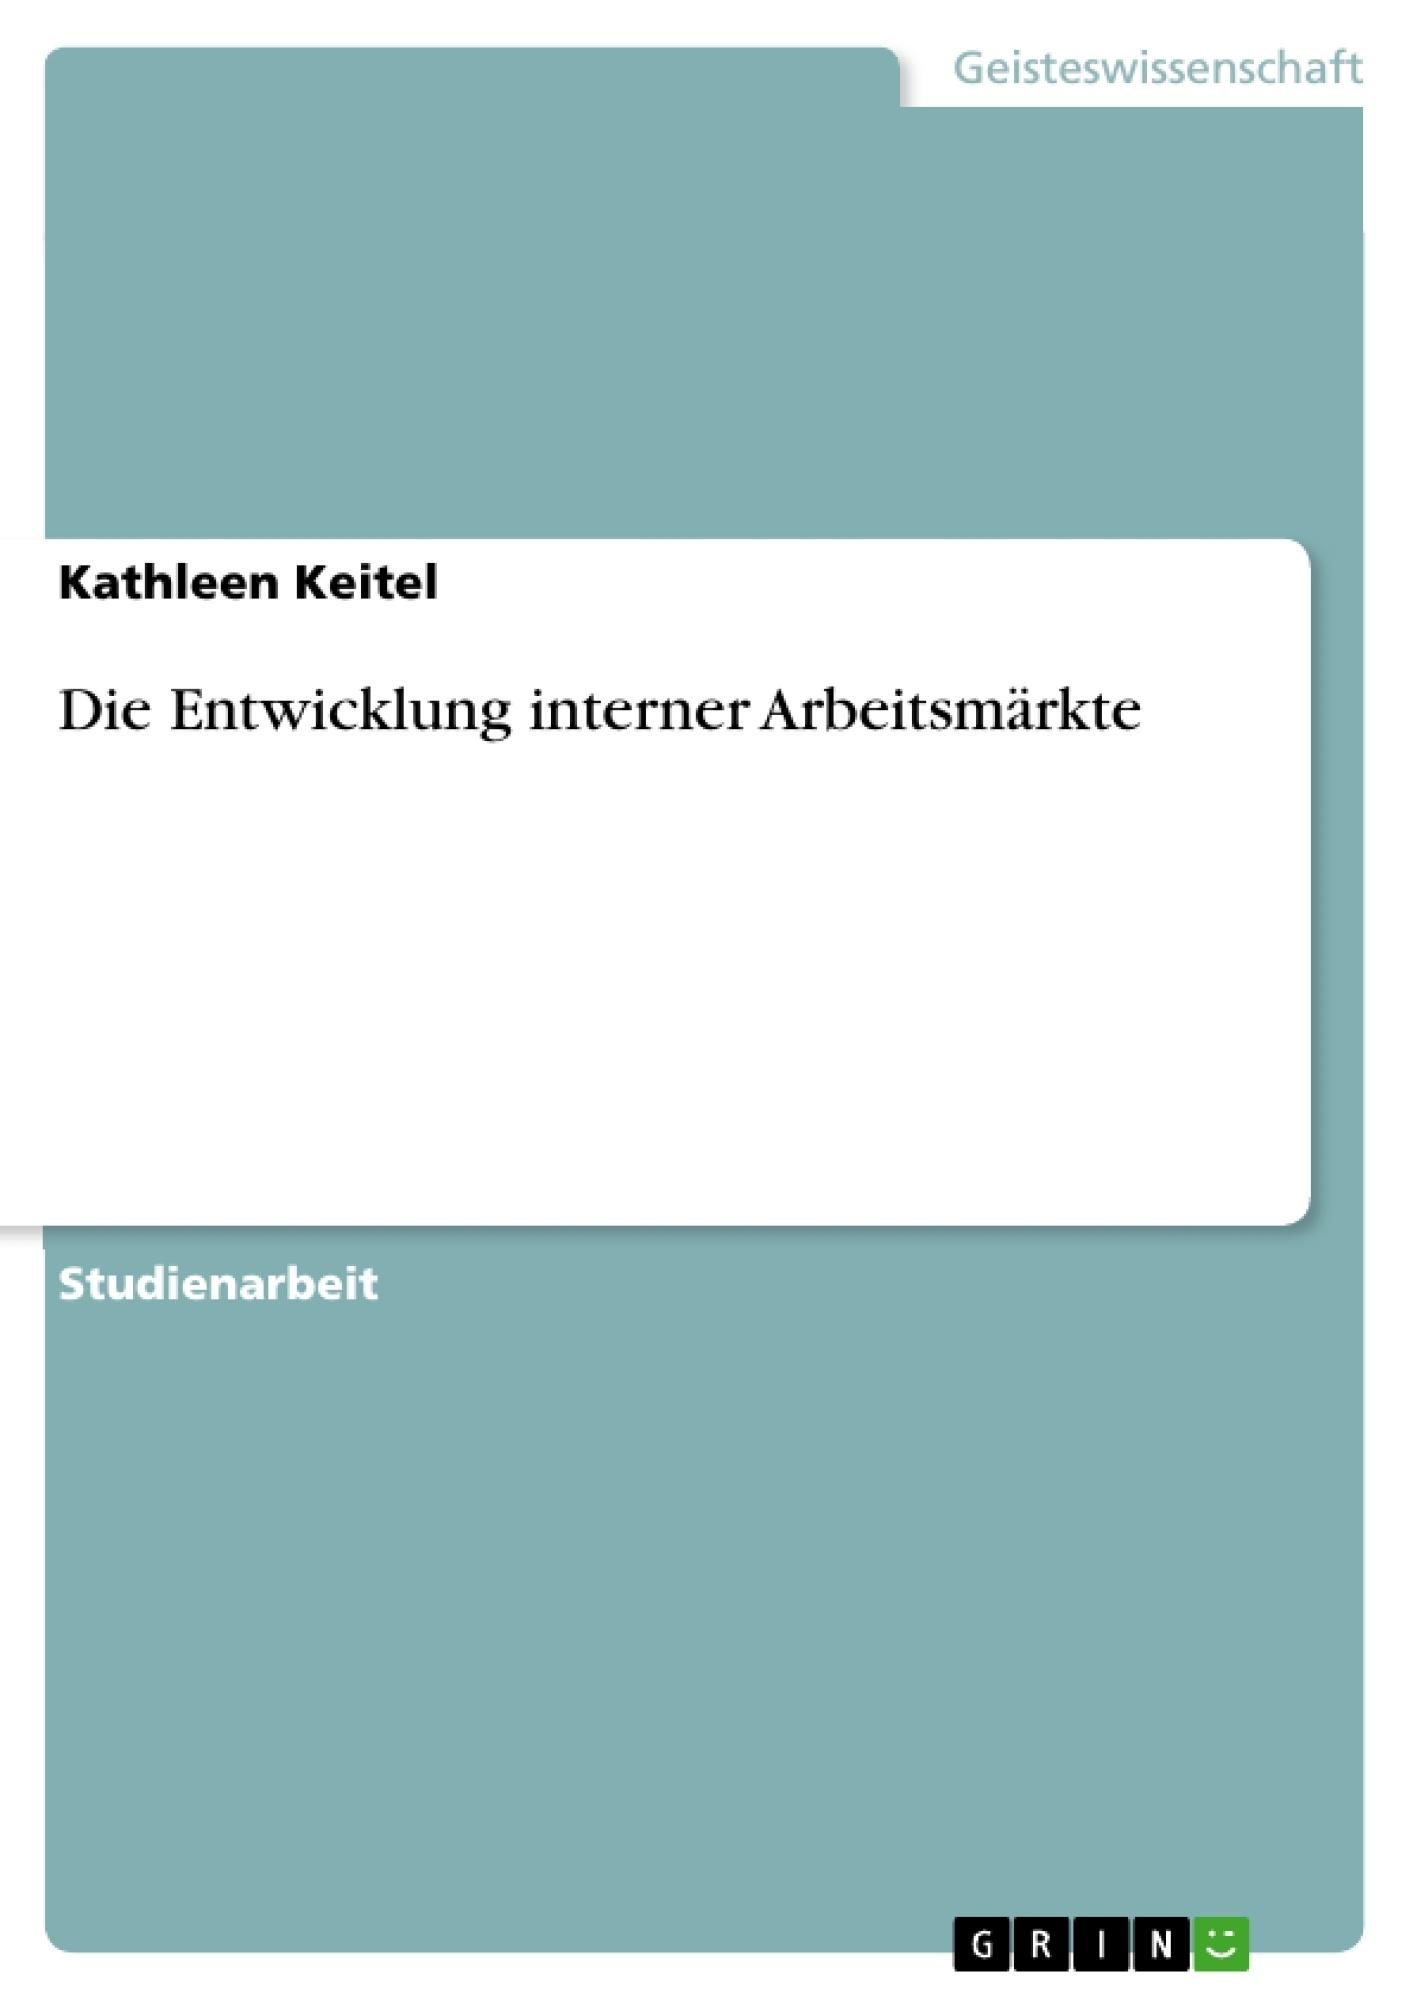 Titel: Die Entwicklung interner Arbeitsmärkte